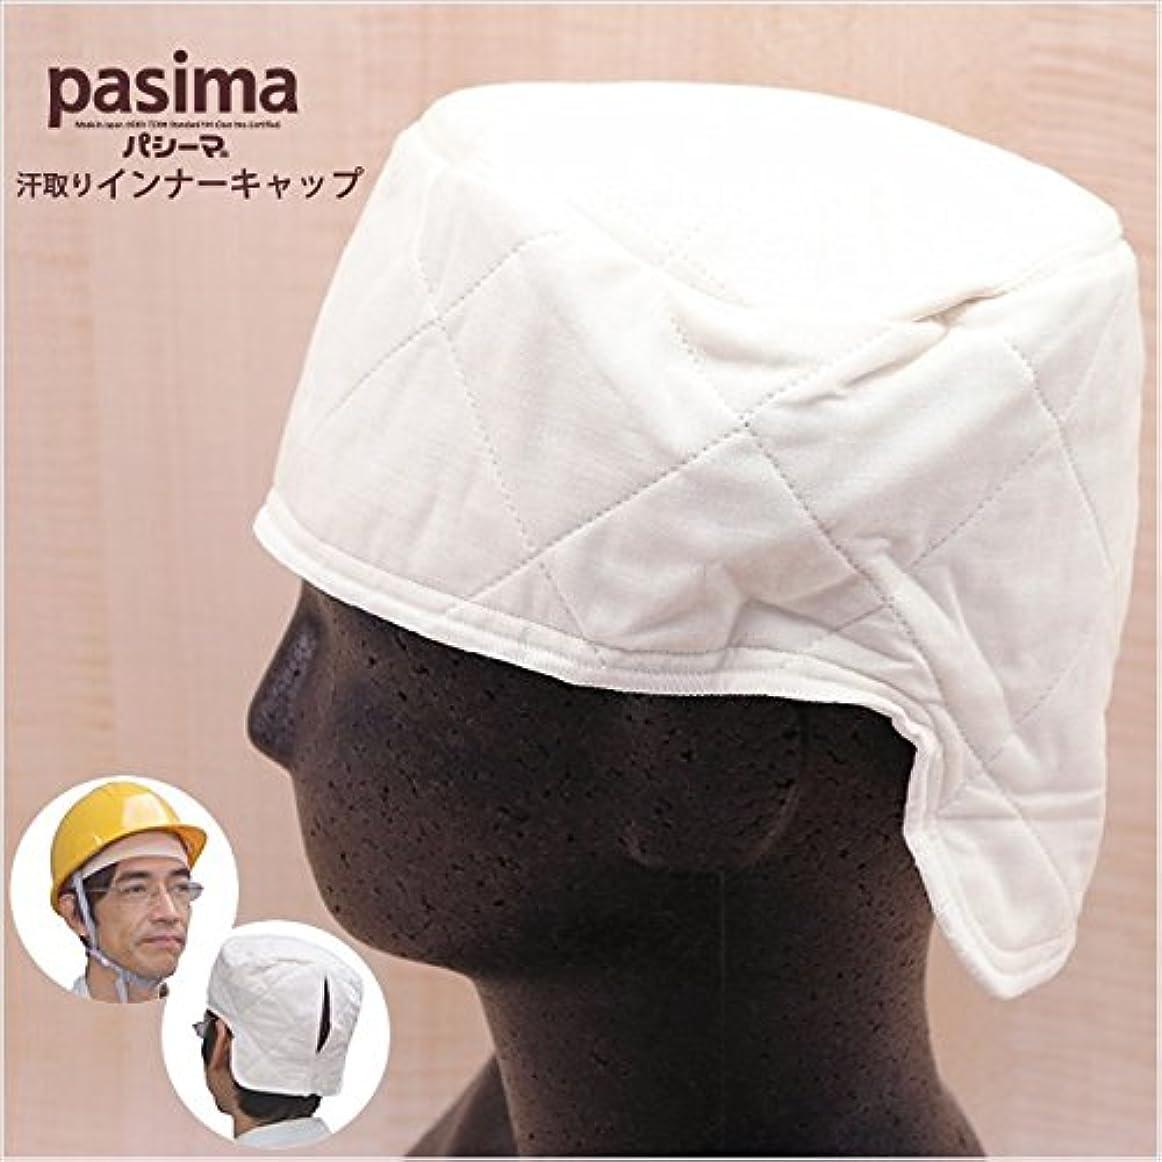 富月曜救出パシーマの汗とりインナーキャップ フリーサイズ pasima (28110018)